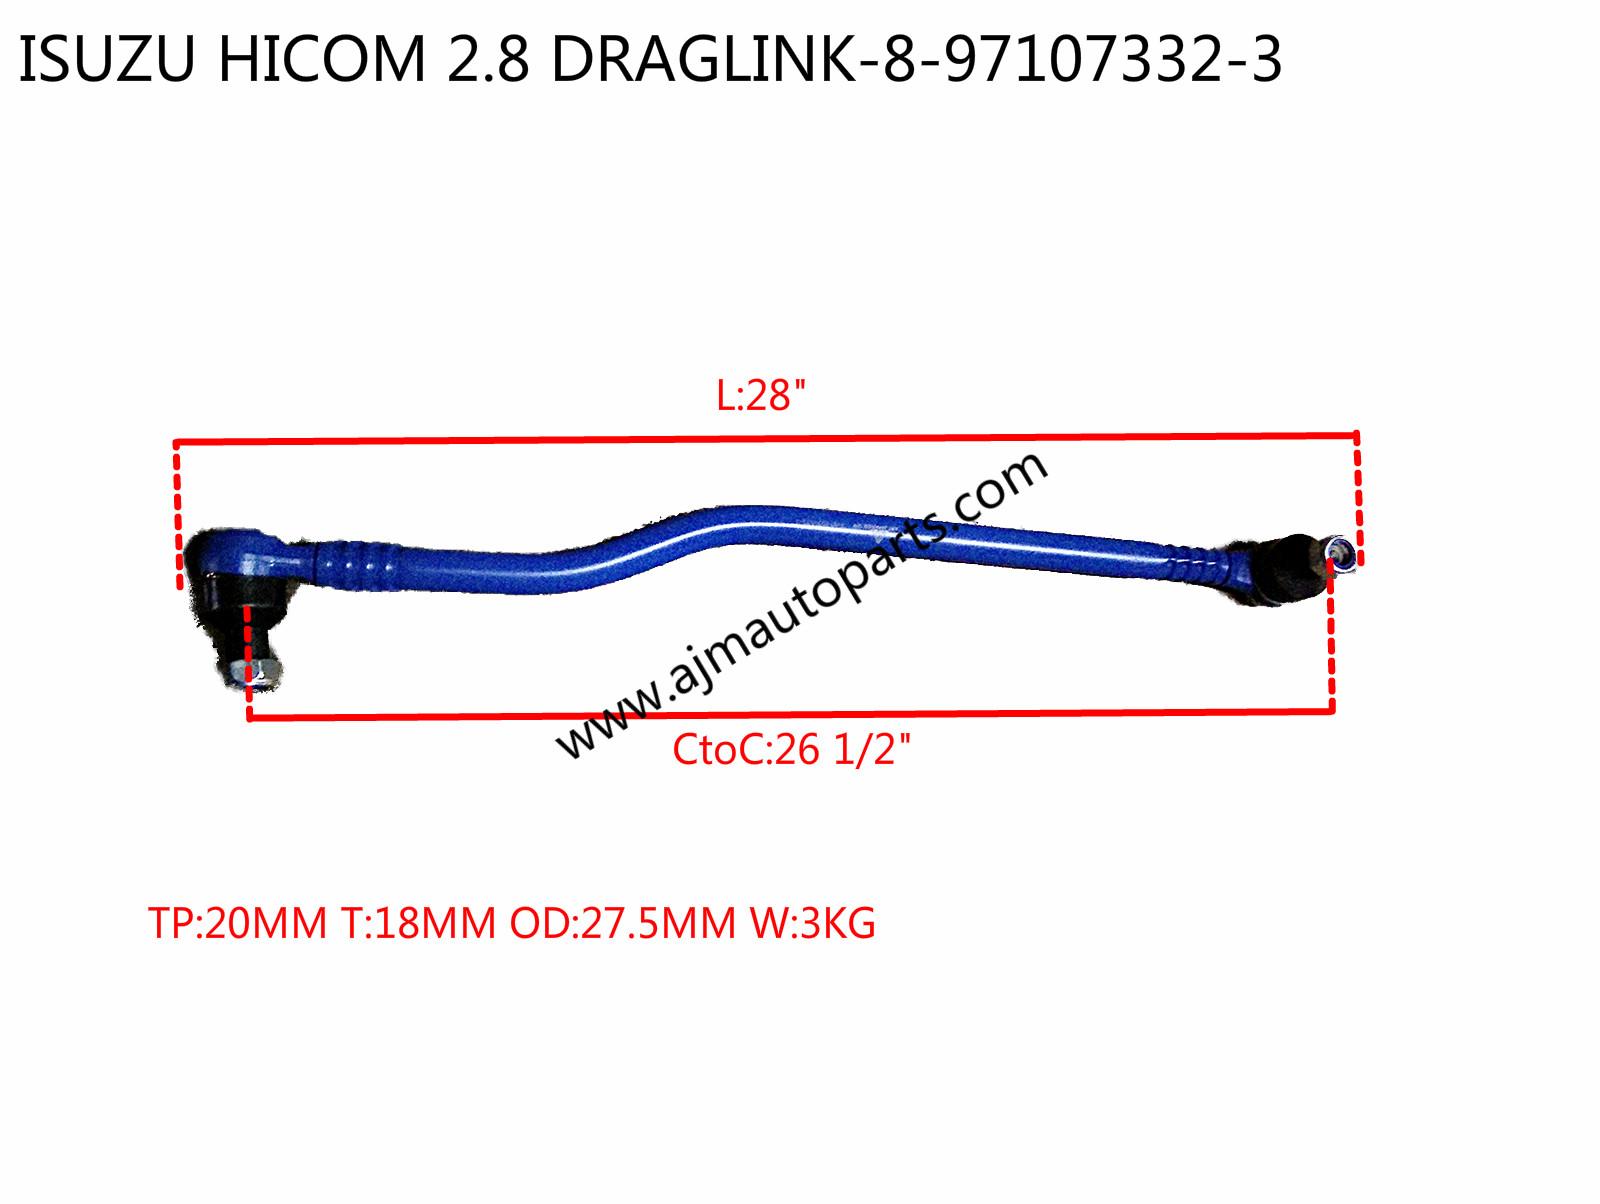 ISUZU HICOM 28 DRAGLINK 8 997107332 3